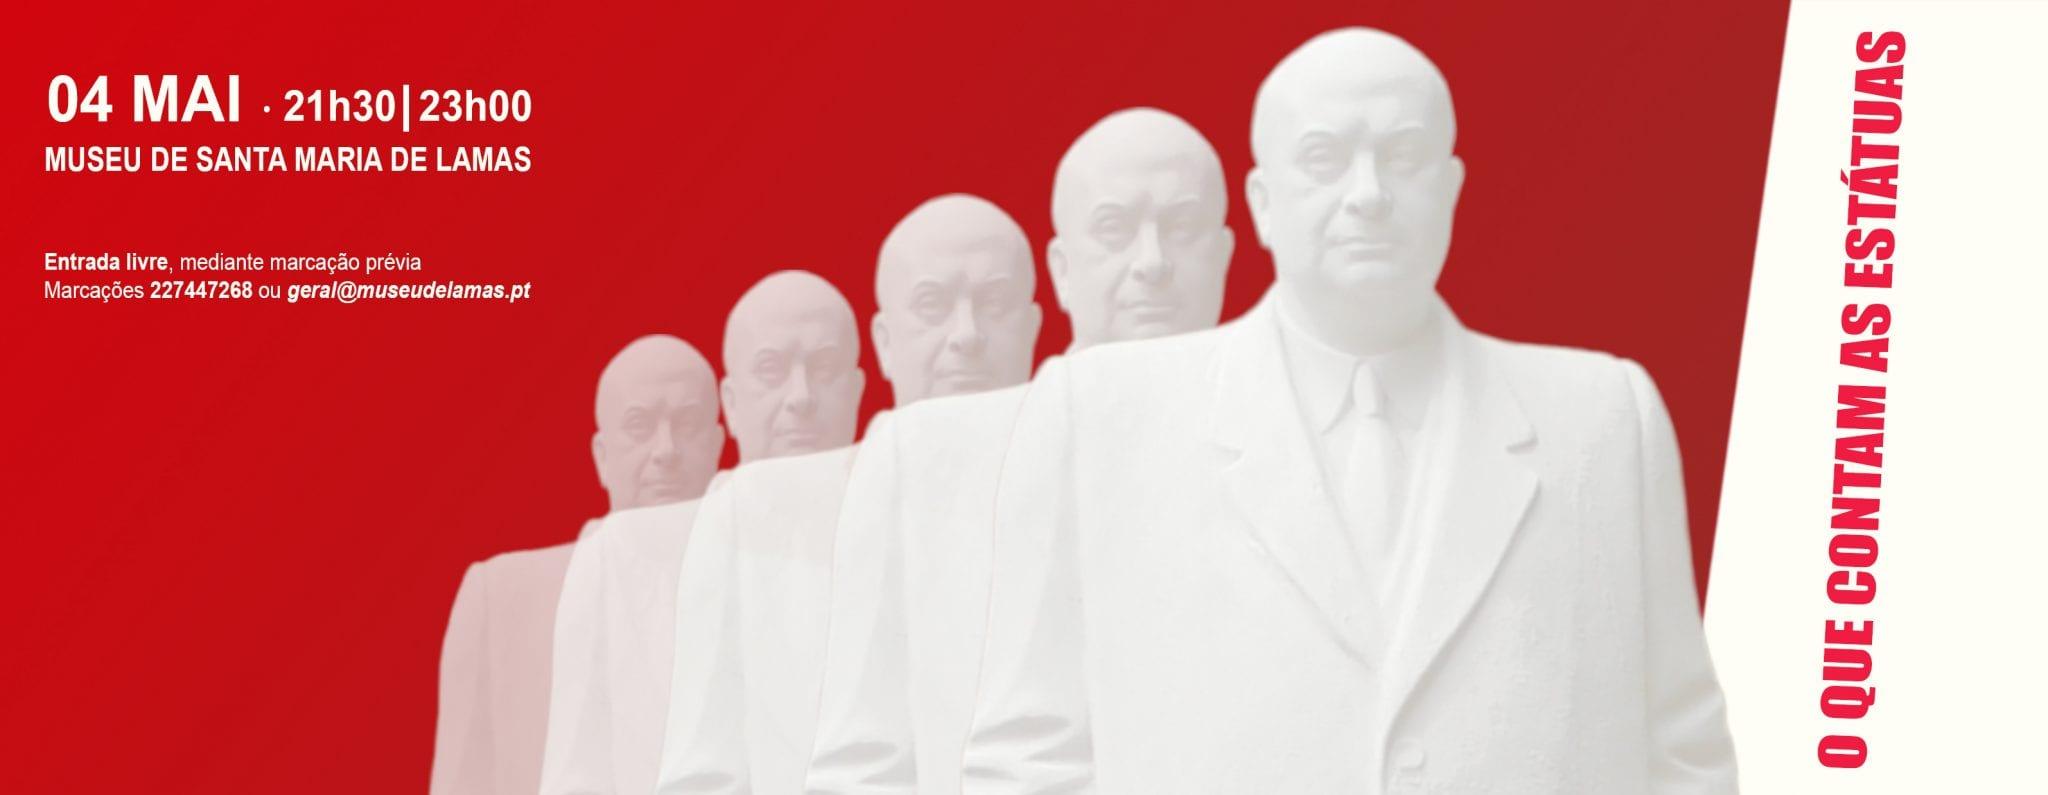 o que contam as estatuas